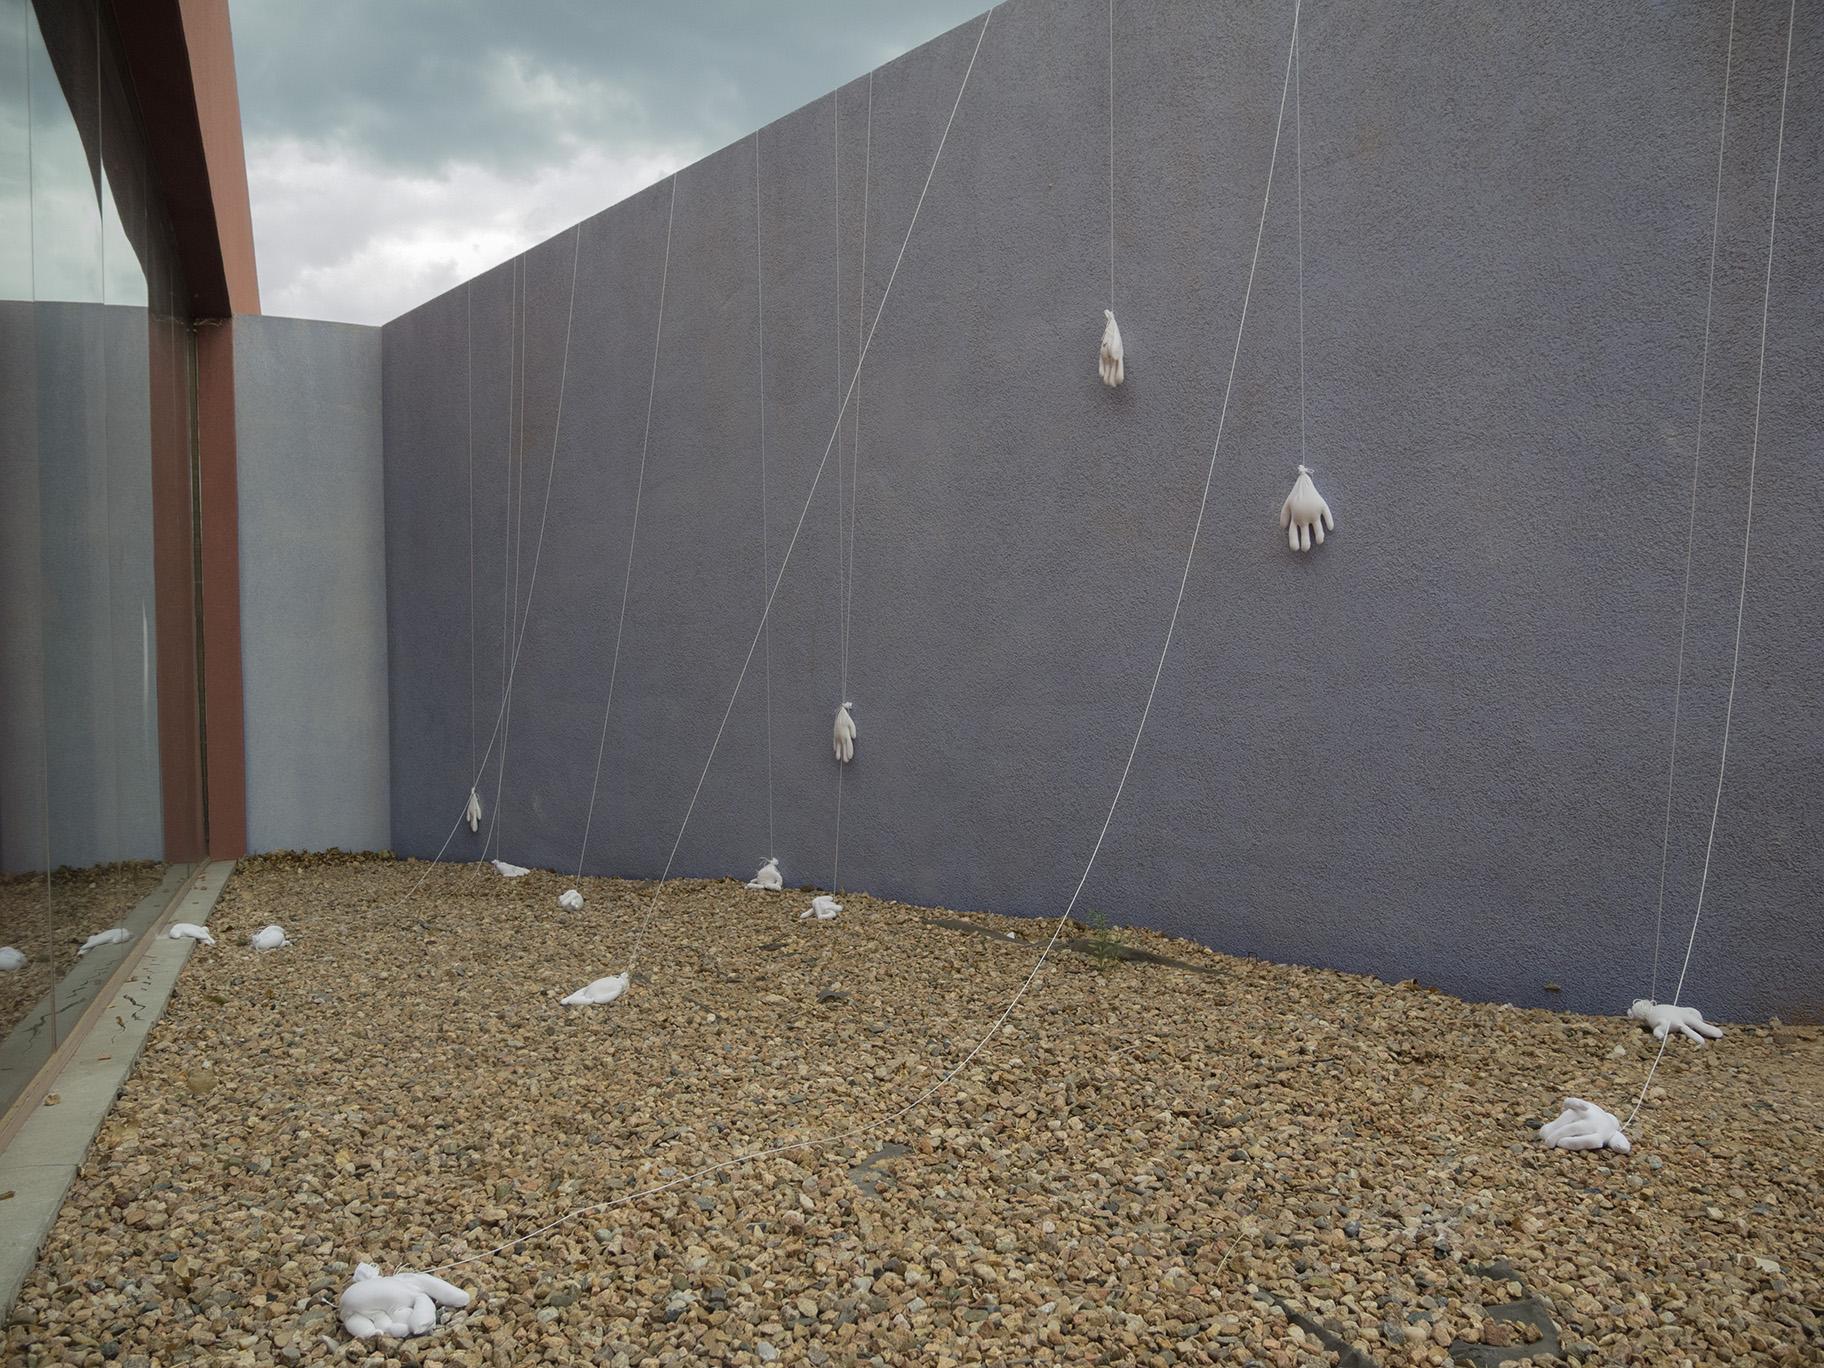 gloves over wall_01.jpg